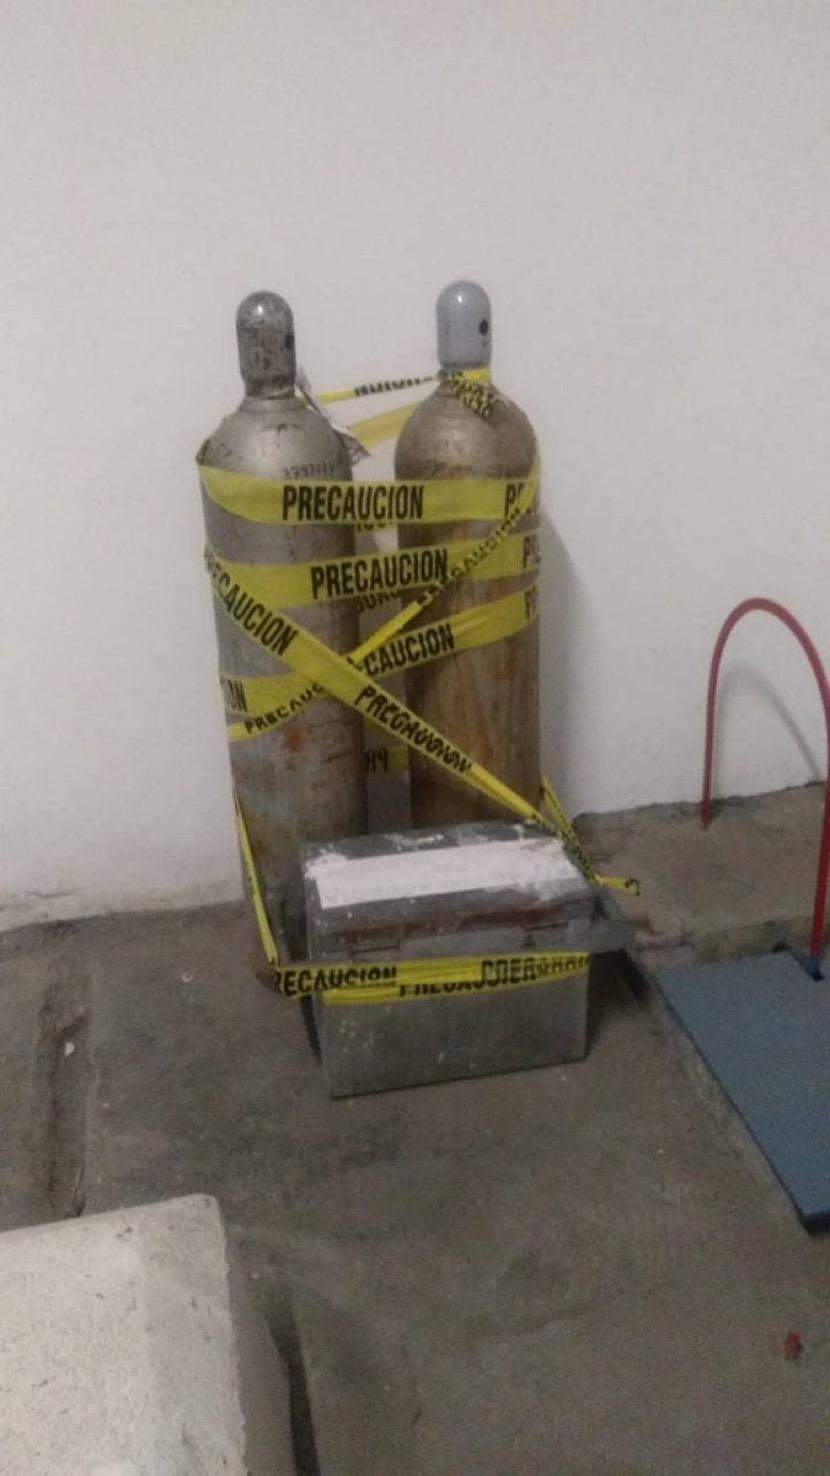 Aparecen tanques tóxicos: Hay un detenido